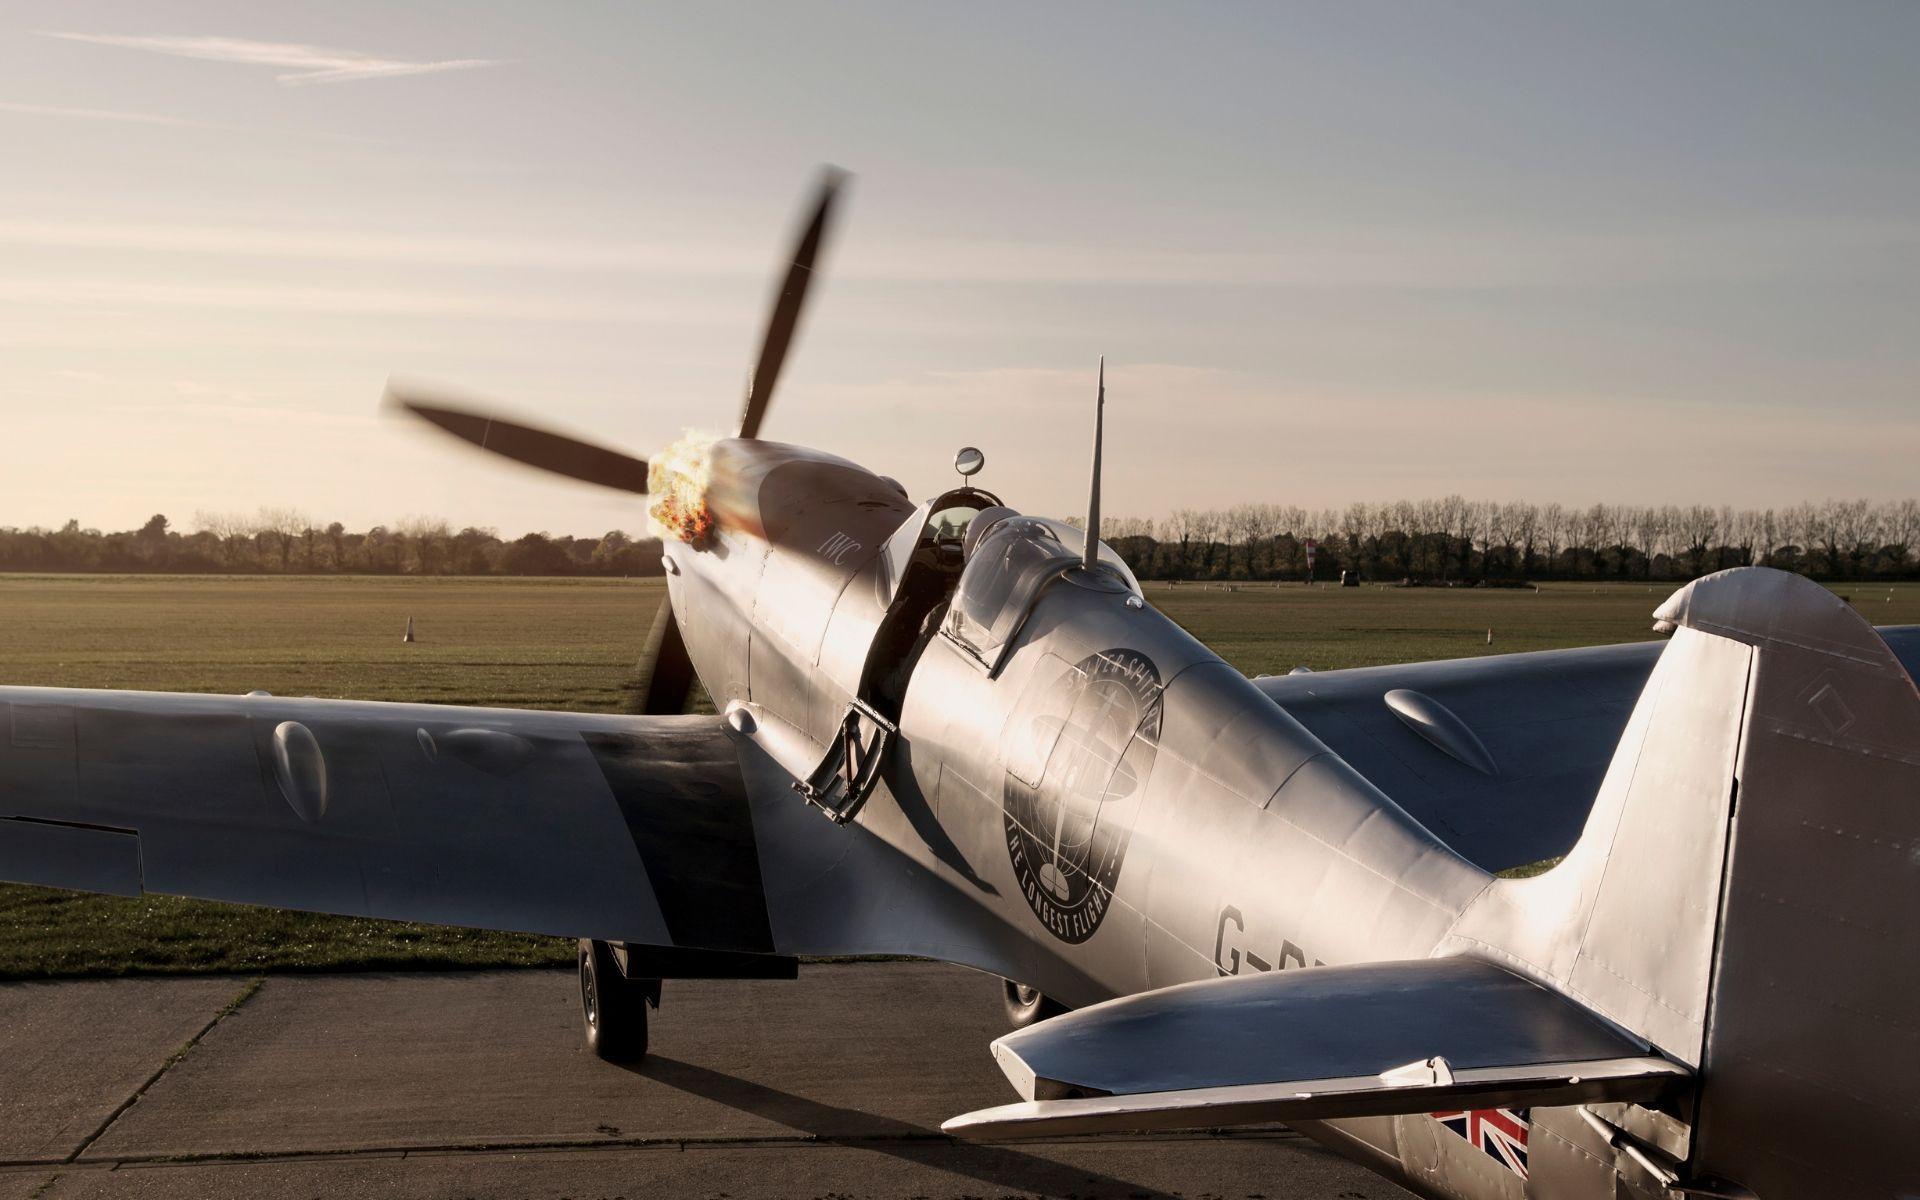 The Spitfire aircraft